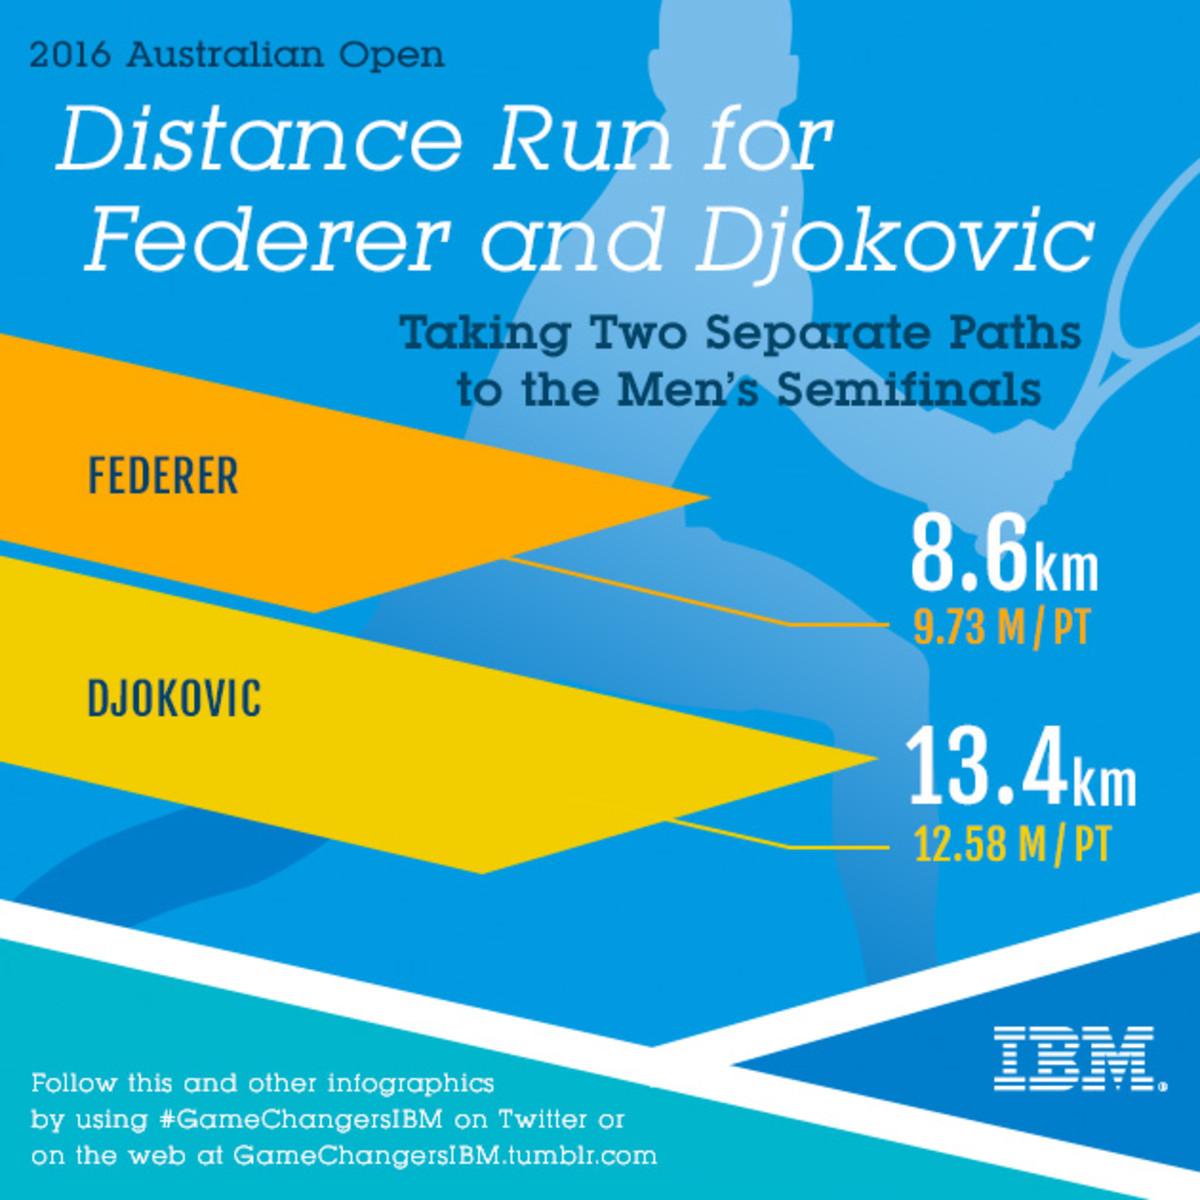 AO_21_Djokovic_Federer_Runs_IG_SI.jpg